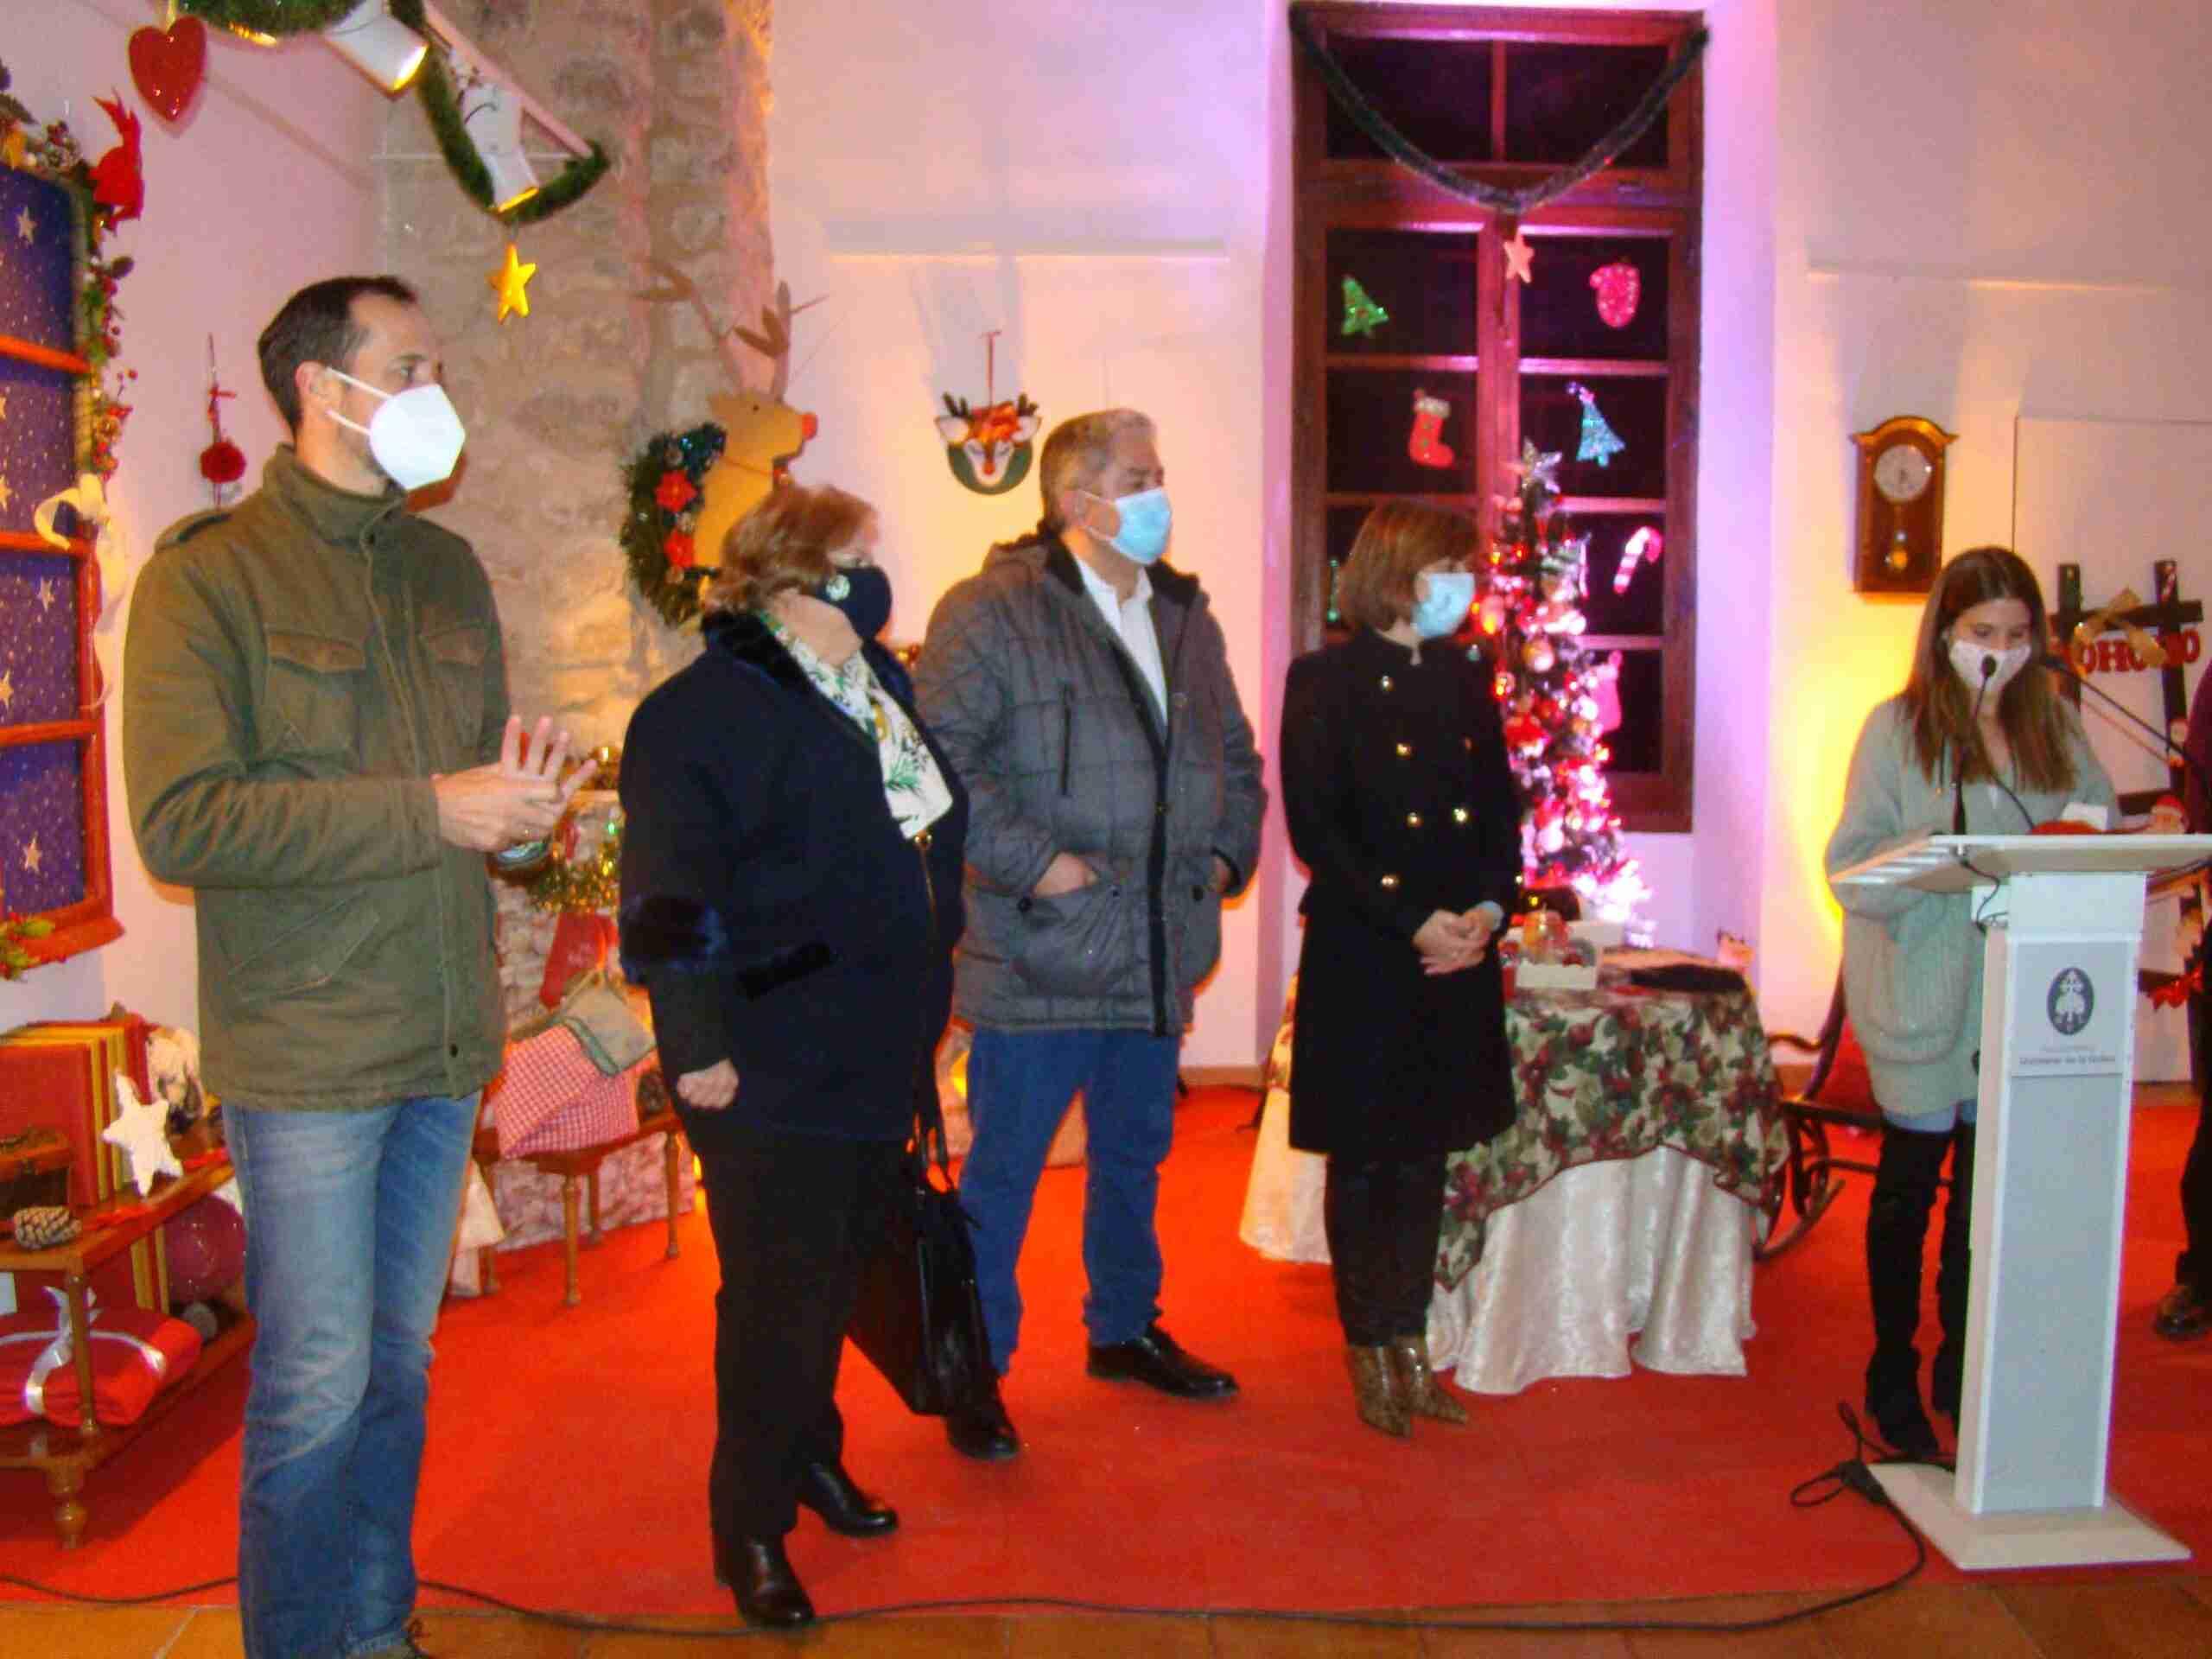 El espíritu navideño resurge en Quintanar con el inicio de una Navidad muy especial 11